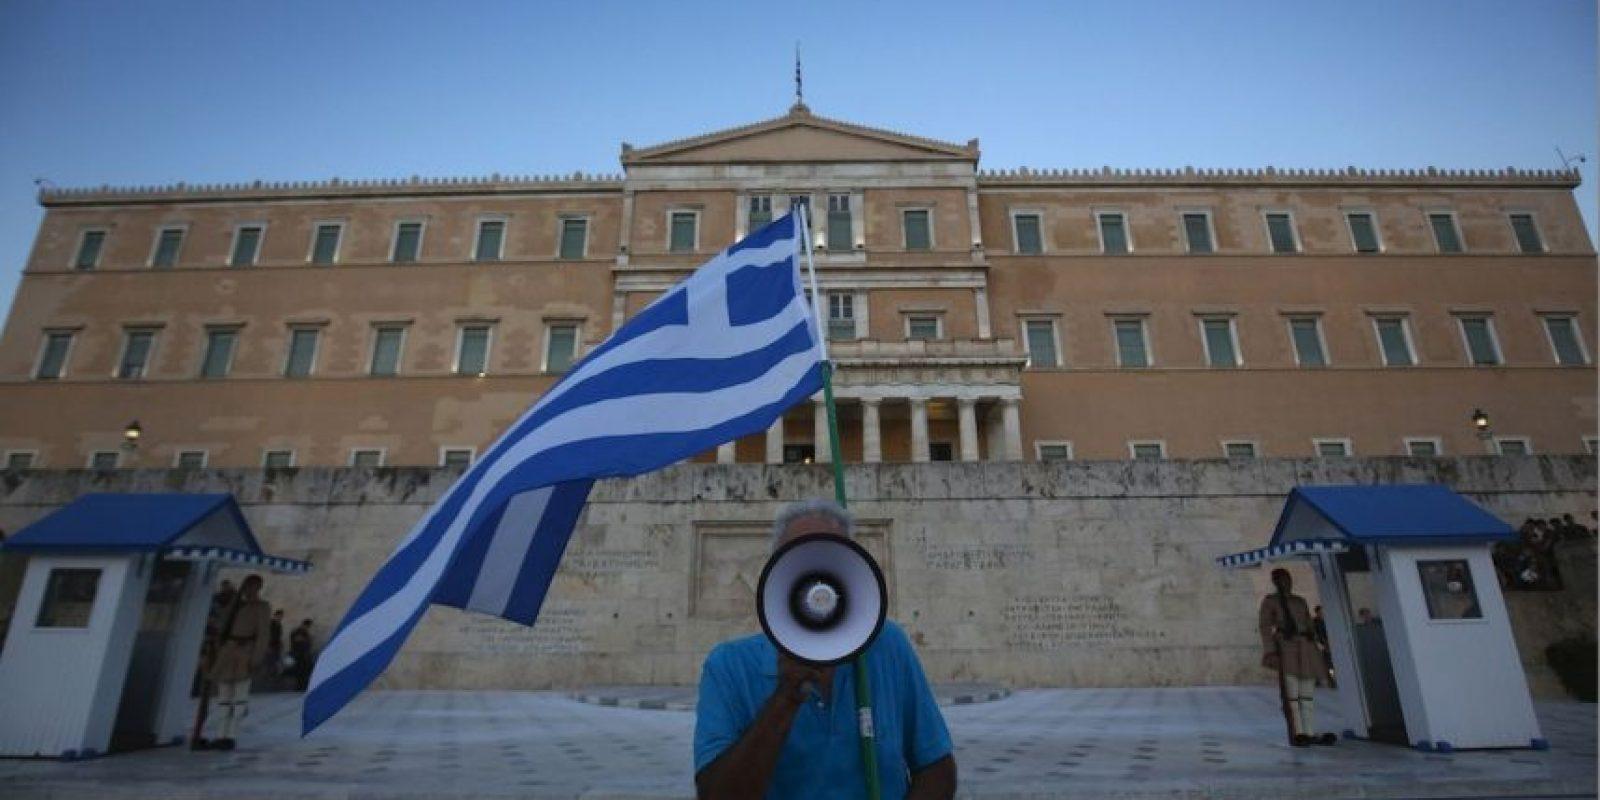 Personas continuaron manifestándose en el Parlamento griego Foto:Getty Images